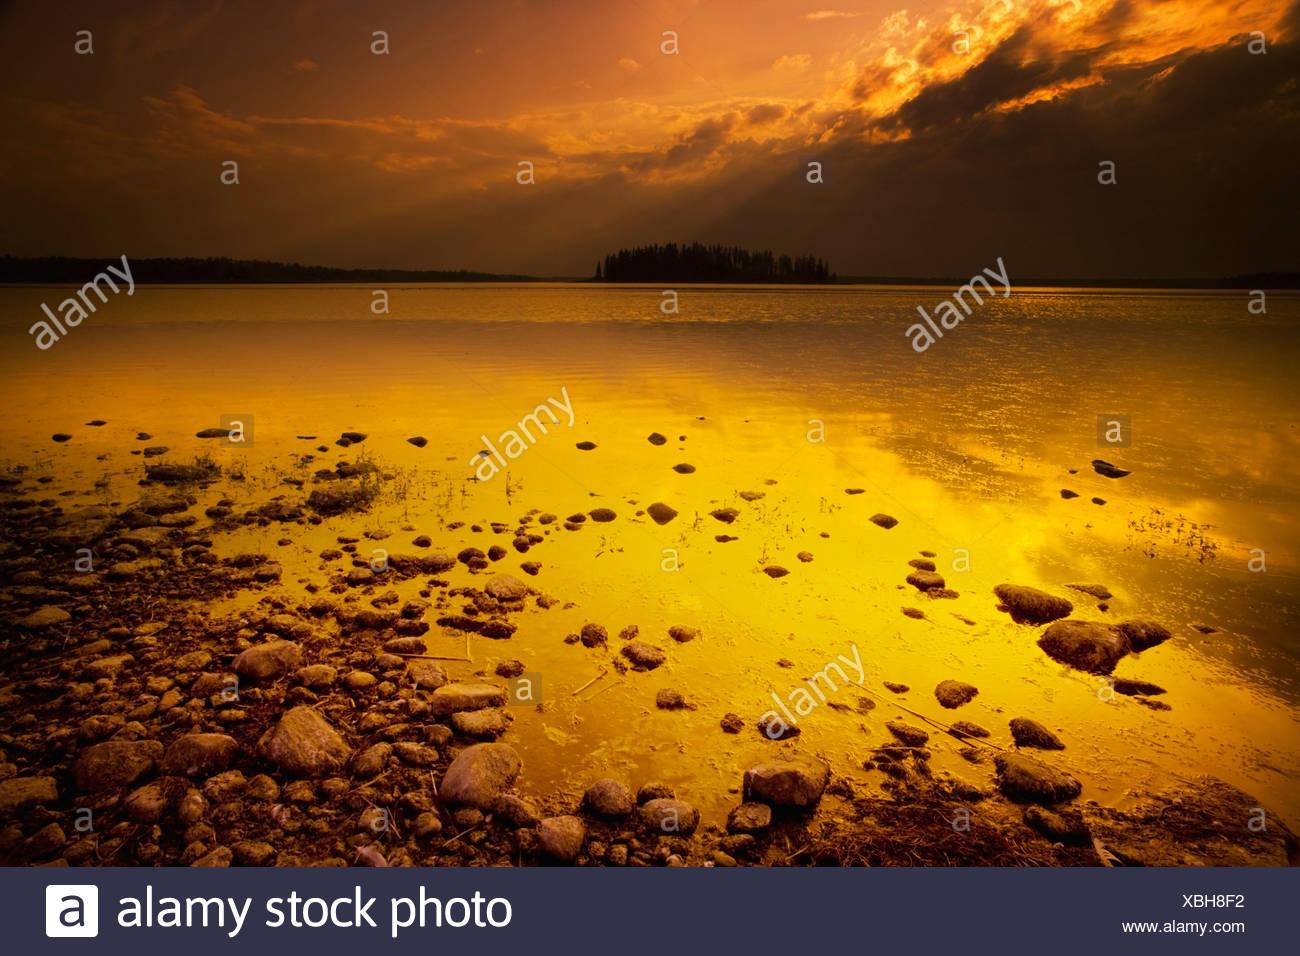 Alberta, Canada; A Lake At Dusk - Stock Image